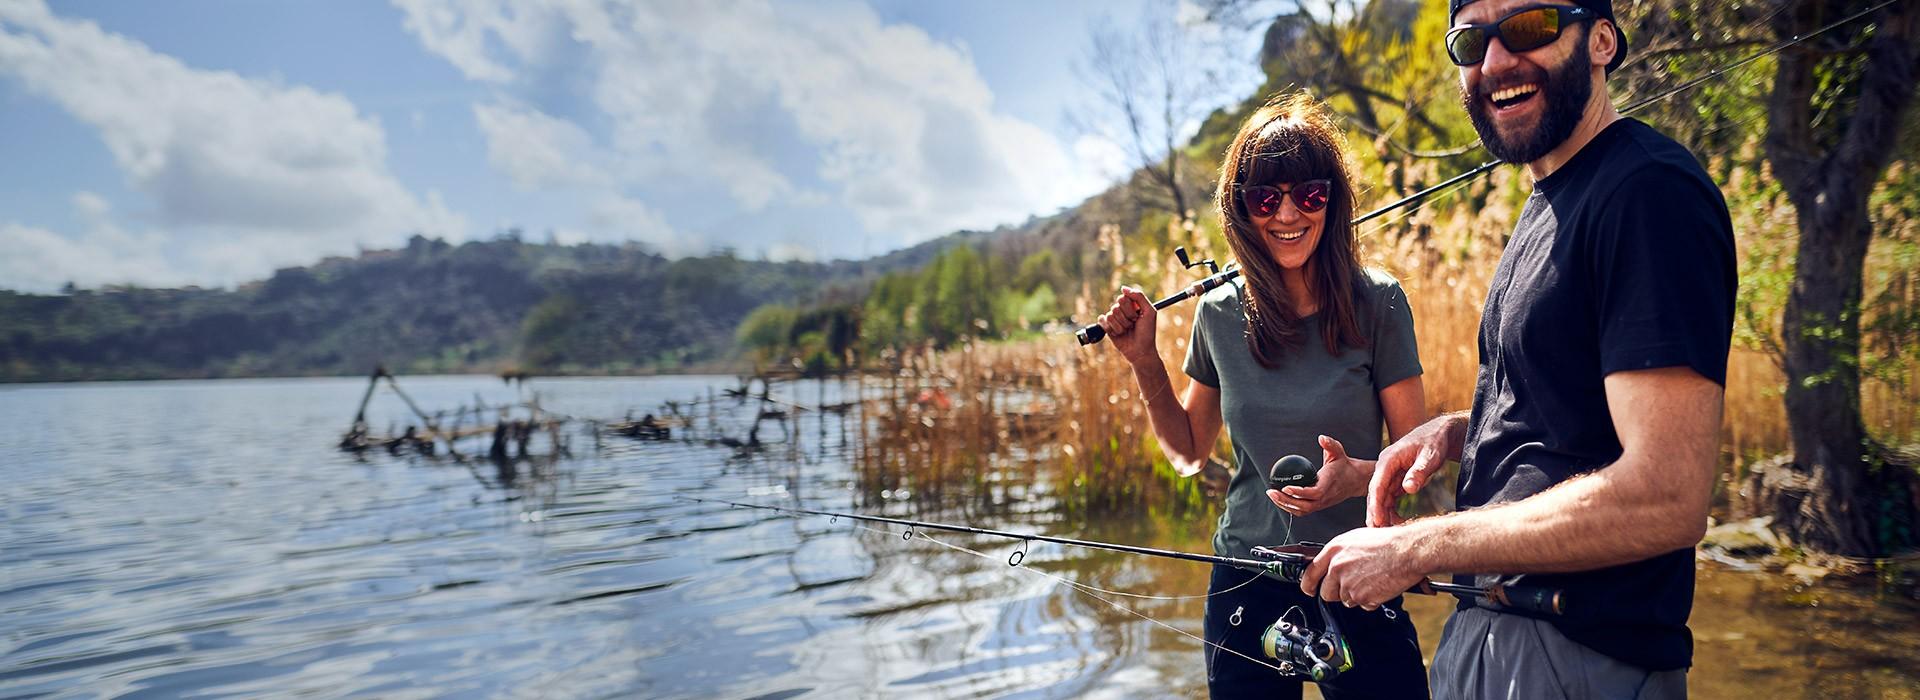 Ponesite štapove za pecanje i uživajte u prirodi Hrvatske!Sonar Deeper već od 1.489,00 kn